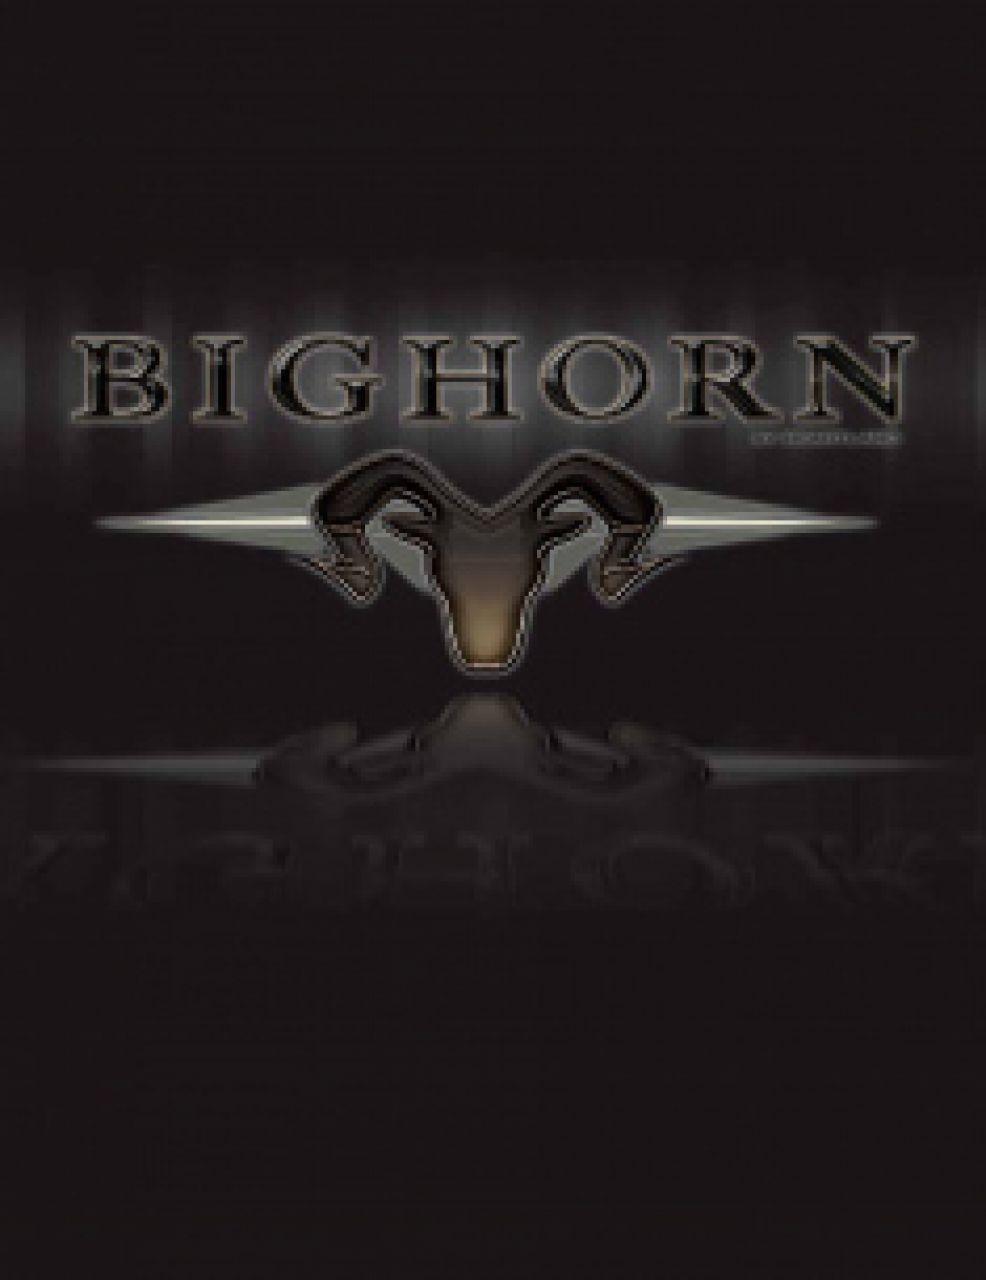 bighorn-2019-broch-lsrv-001-pdf